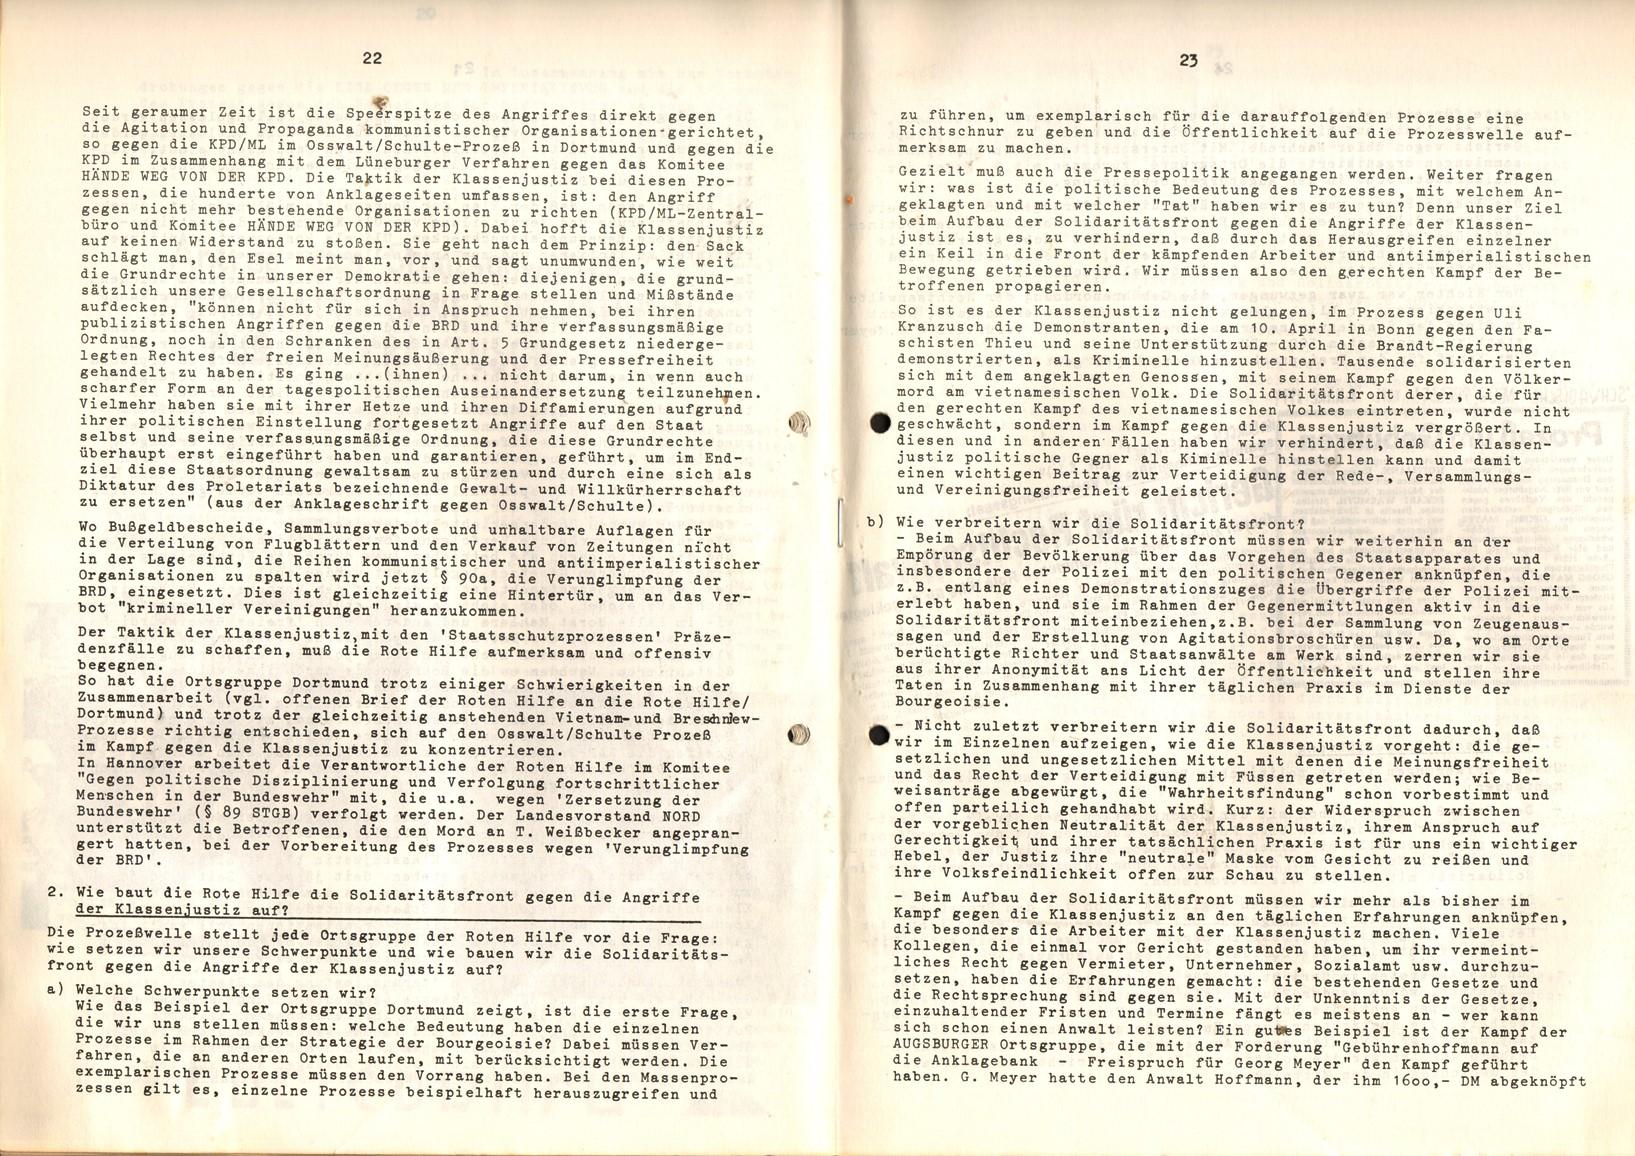 Dortmund_RHev_1974_Rechenschaftsbericht_13